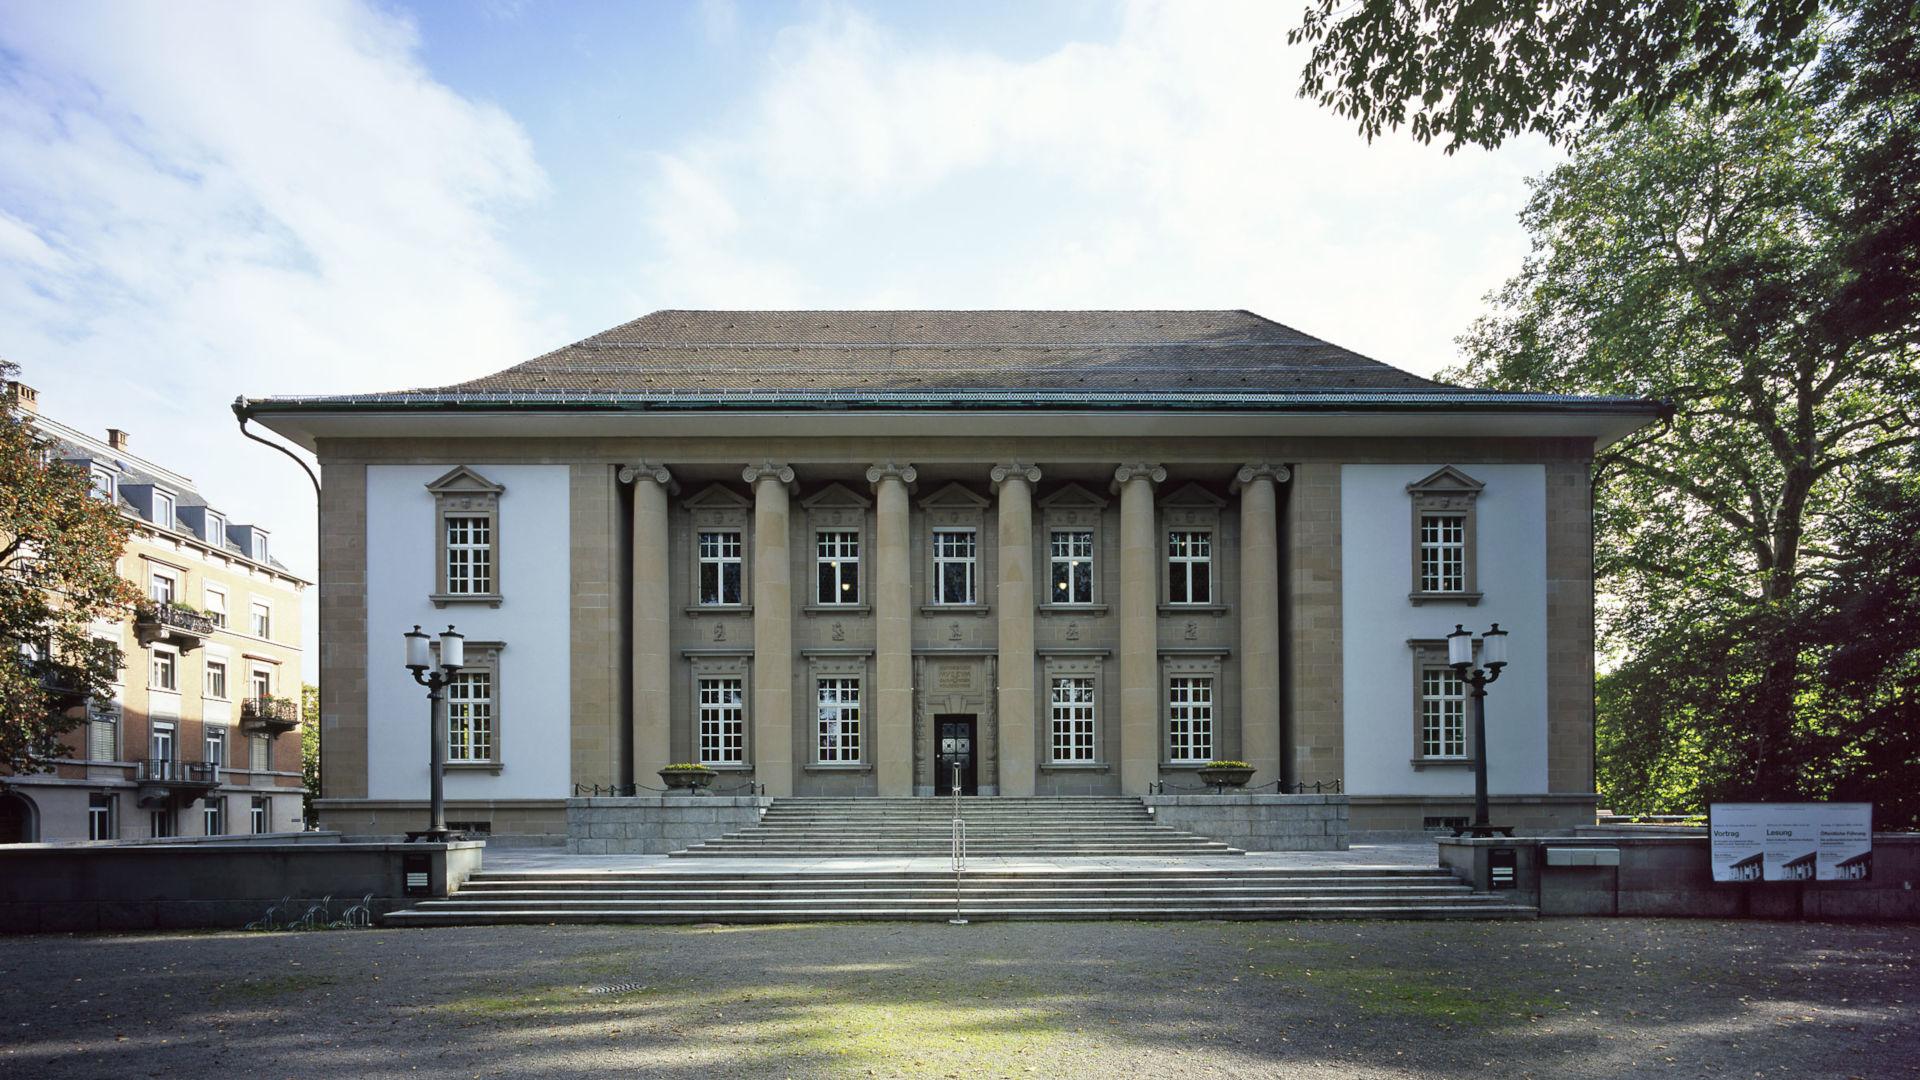 St. Gallen, Historisches und Völkerkundemuseum